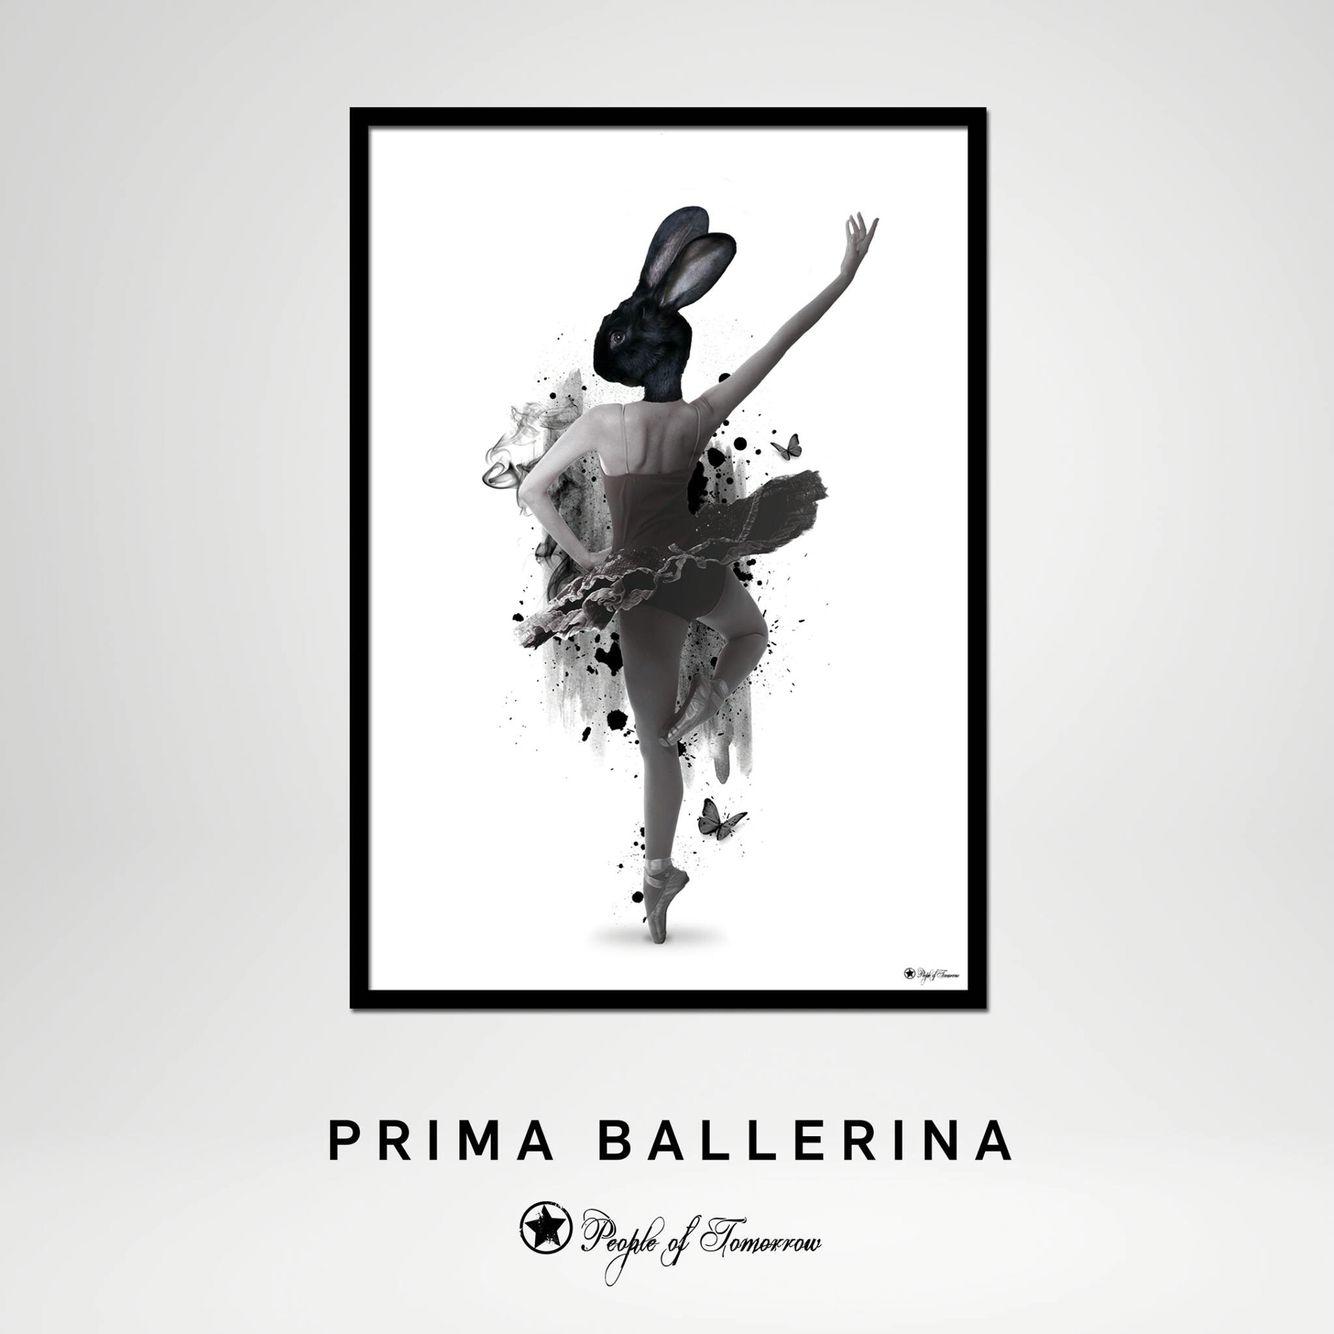 New year - new poster⭐️ PRIMA BALLERINA #poster #design #interior #home #decor #graphicdesign #scandinavian #interiør